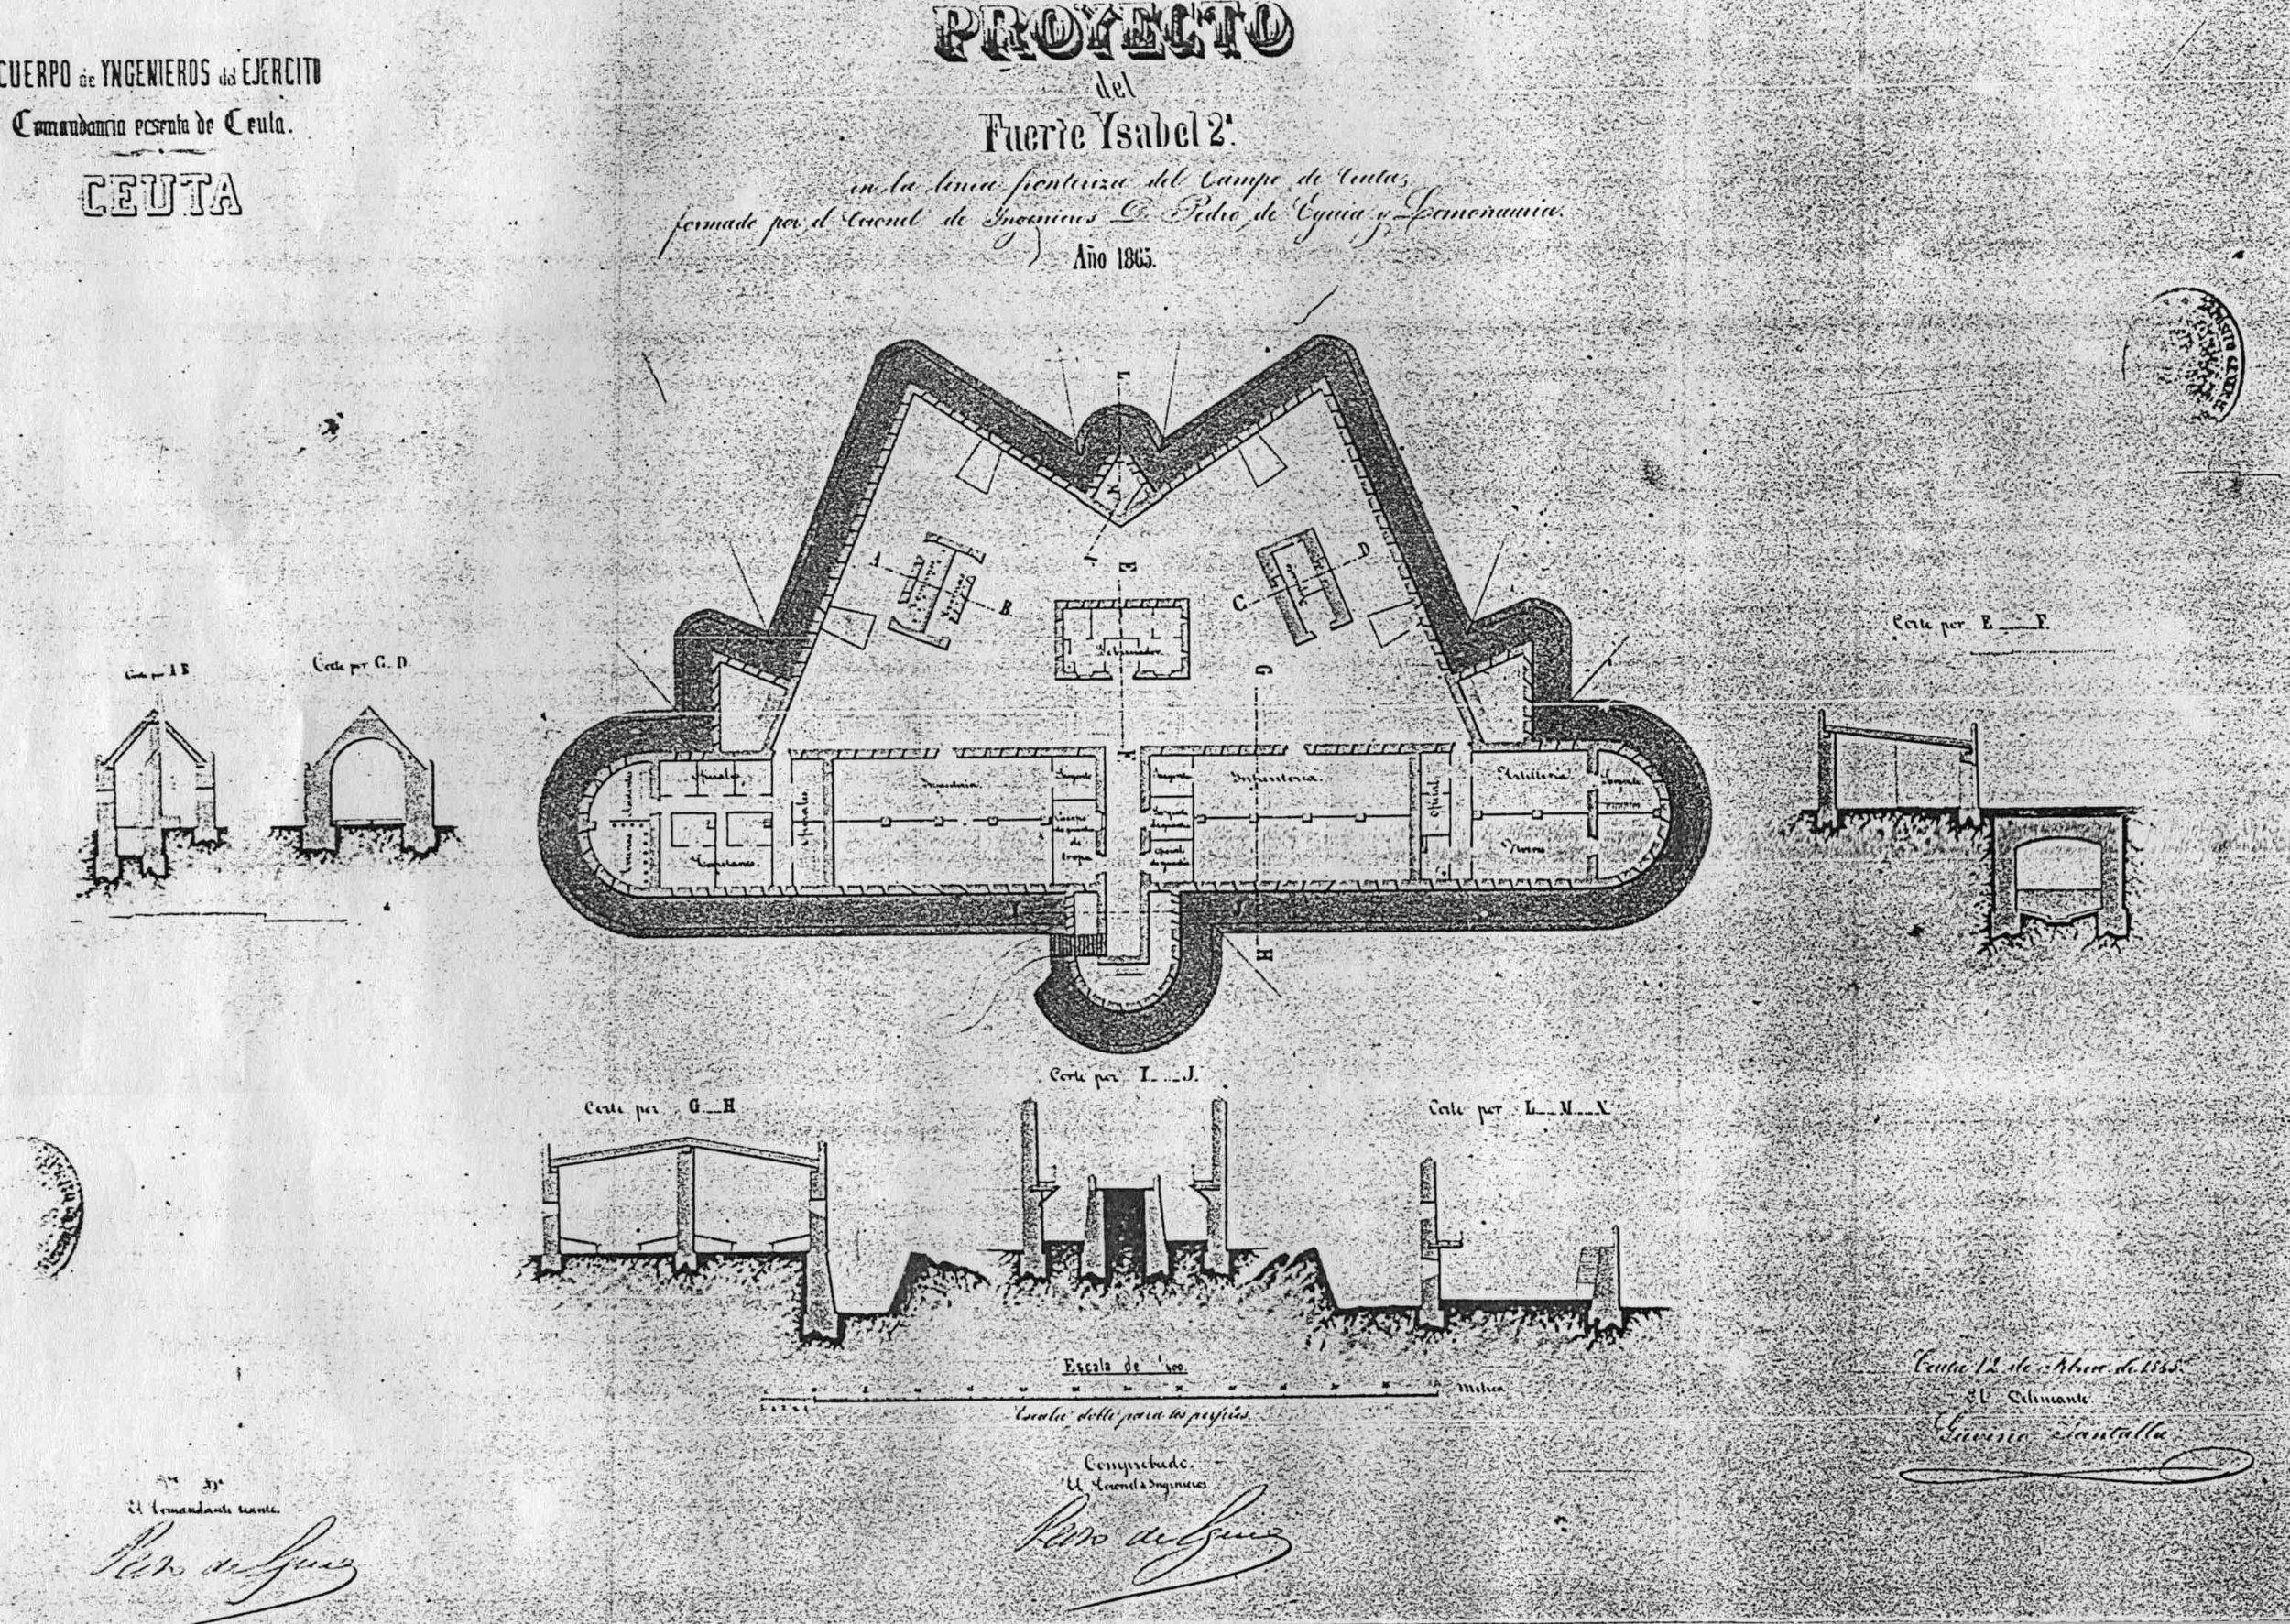 figura 10: proyecto de Isabel II por Pedro de Eguía, 1865